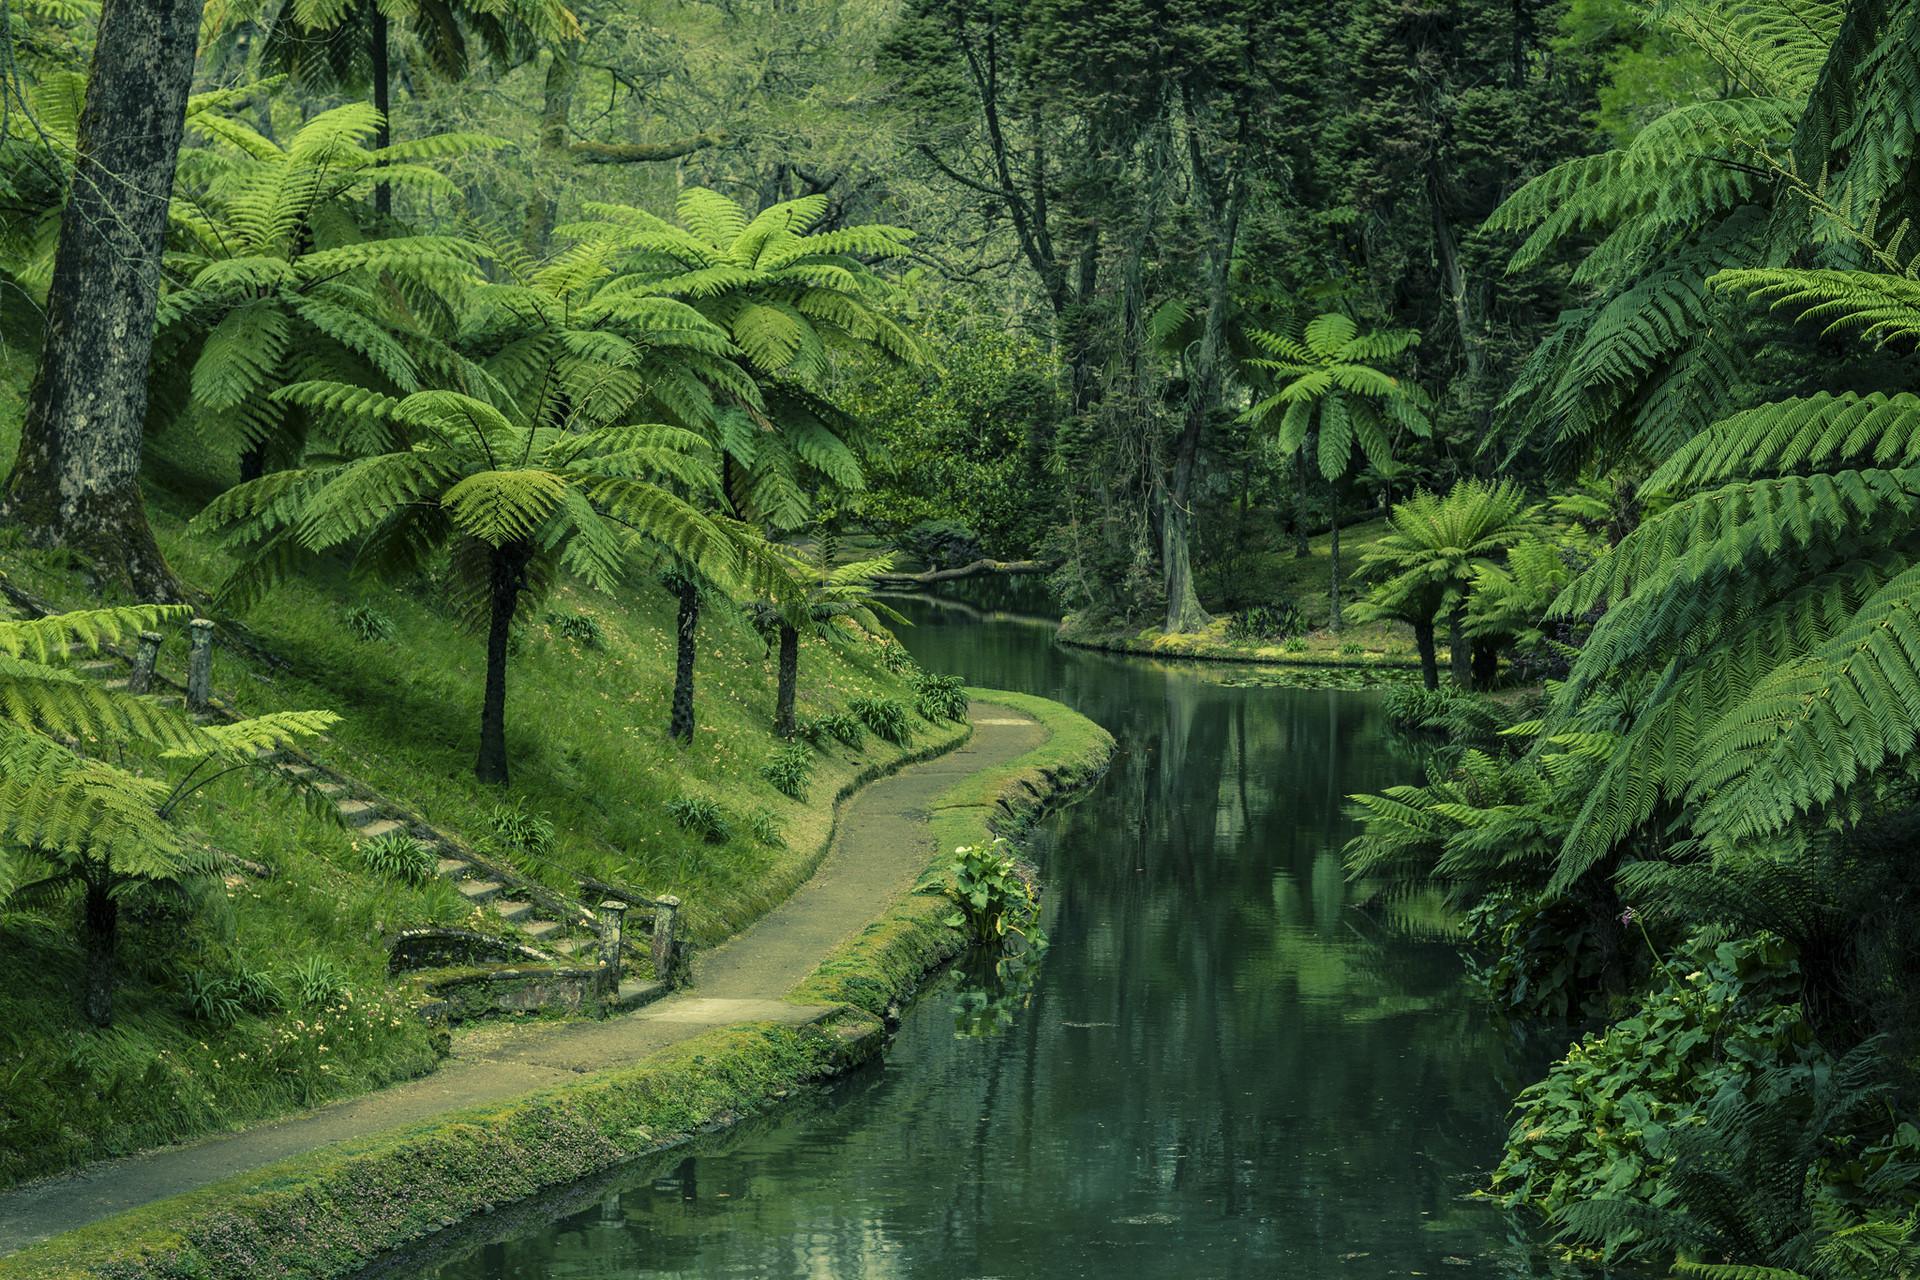 Второе название острова Сан-Мигеля - Зеленый остров.